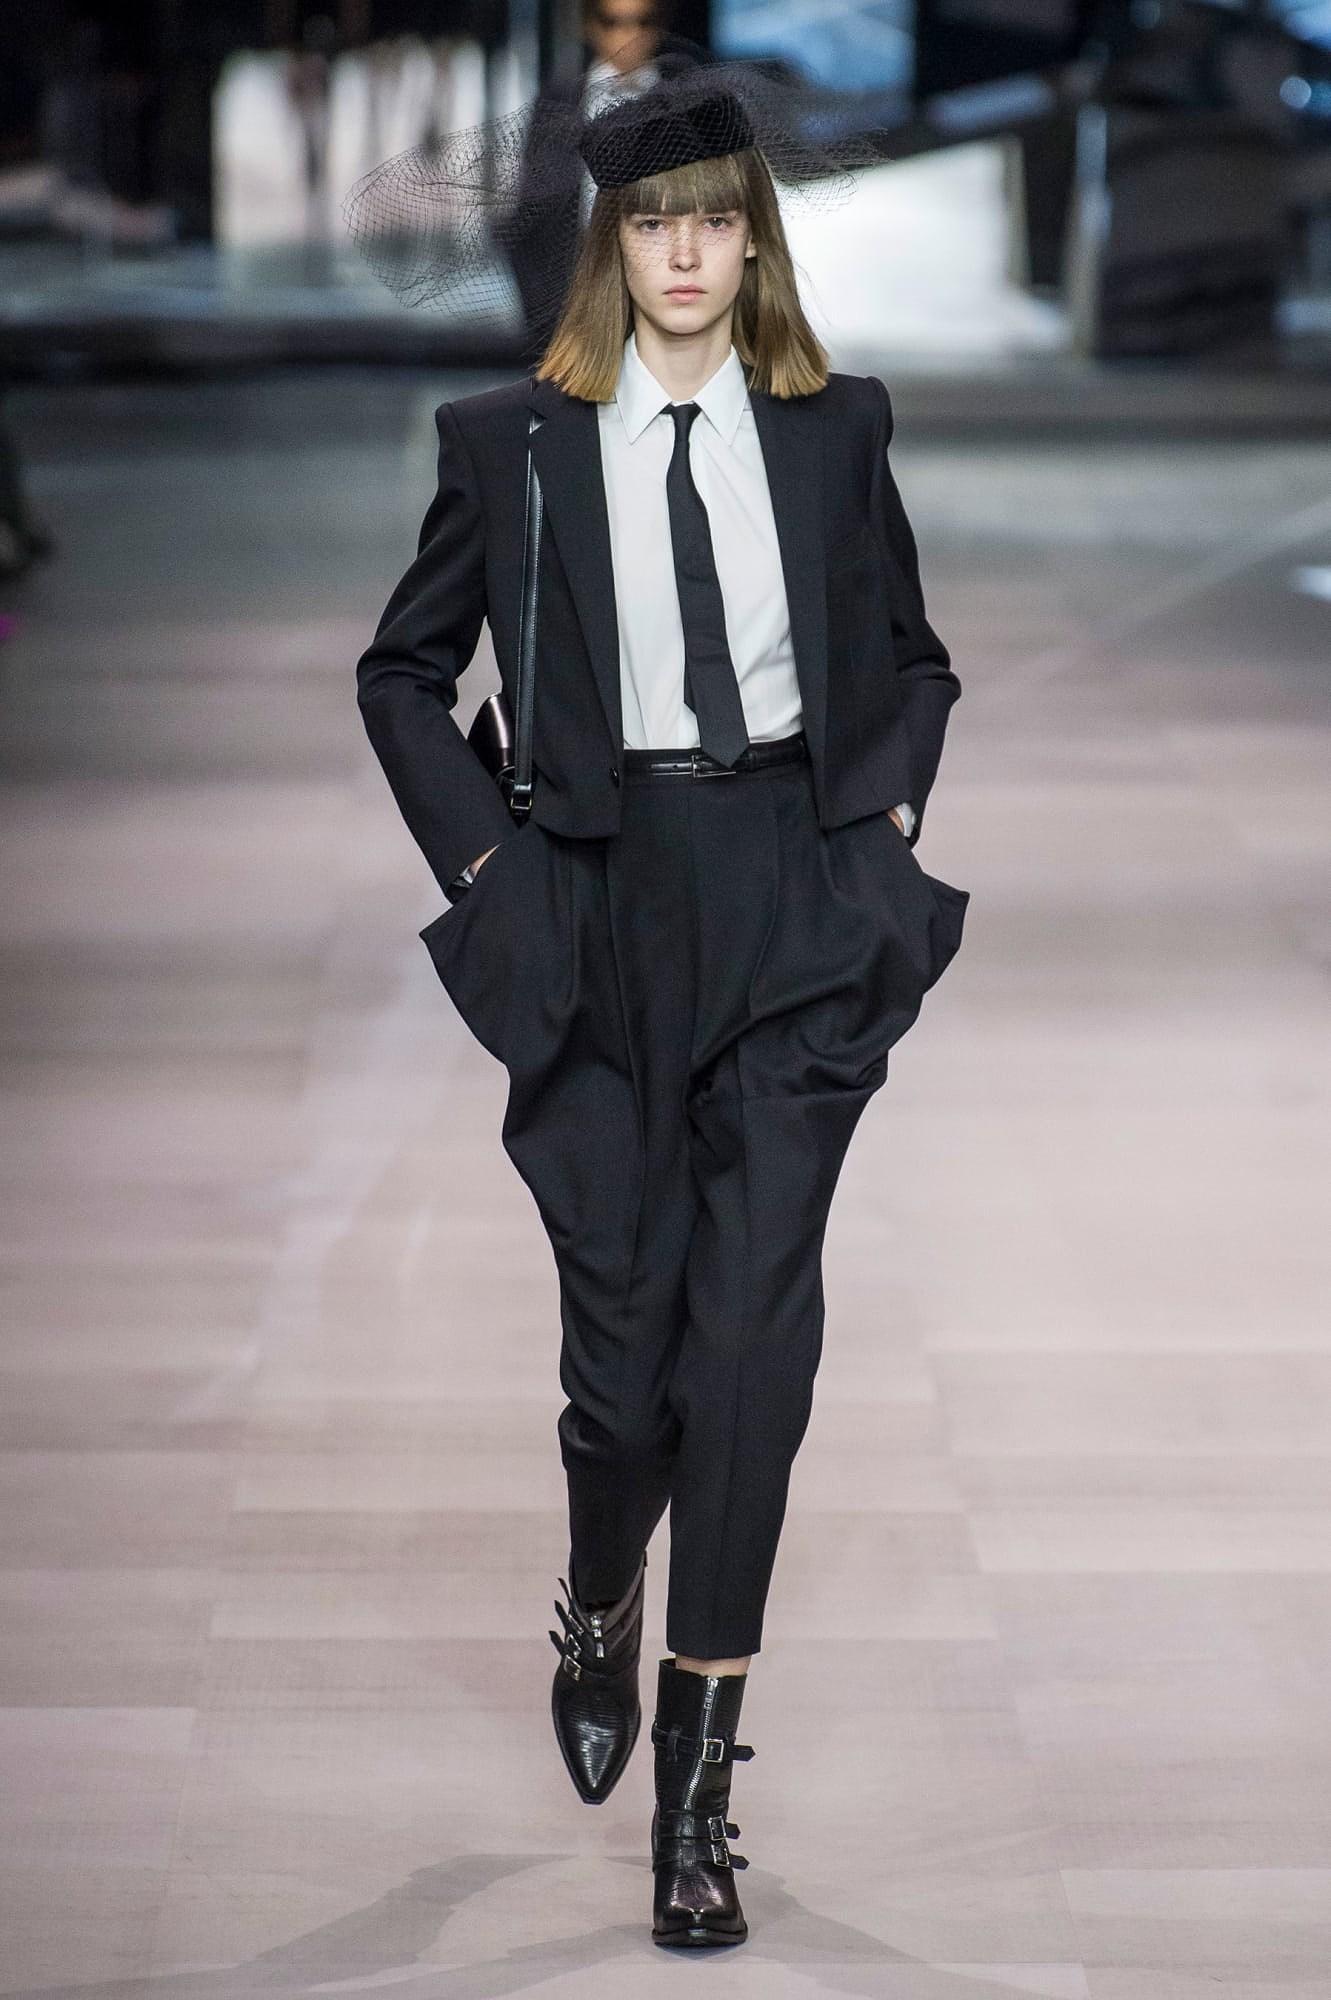 Chiêm ngưỡng những BST nổi bật nhất Tuần lễ thời trang Paris 2019 Ảnh 6